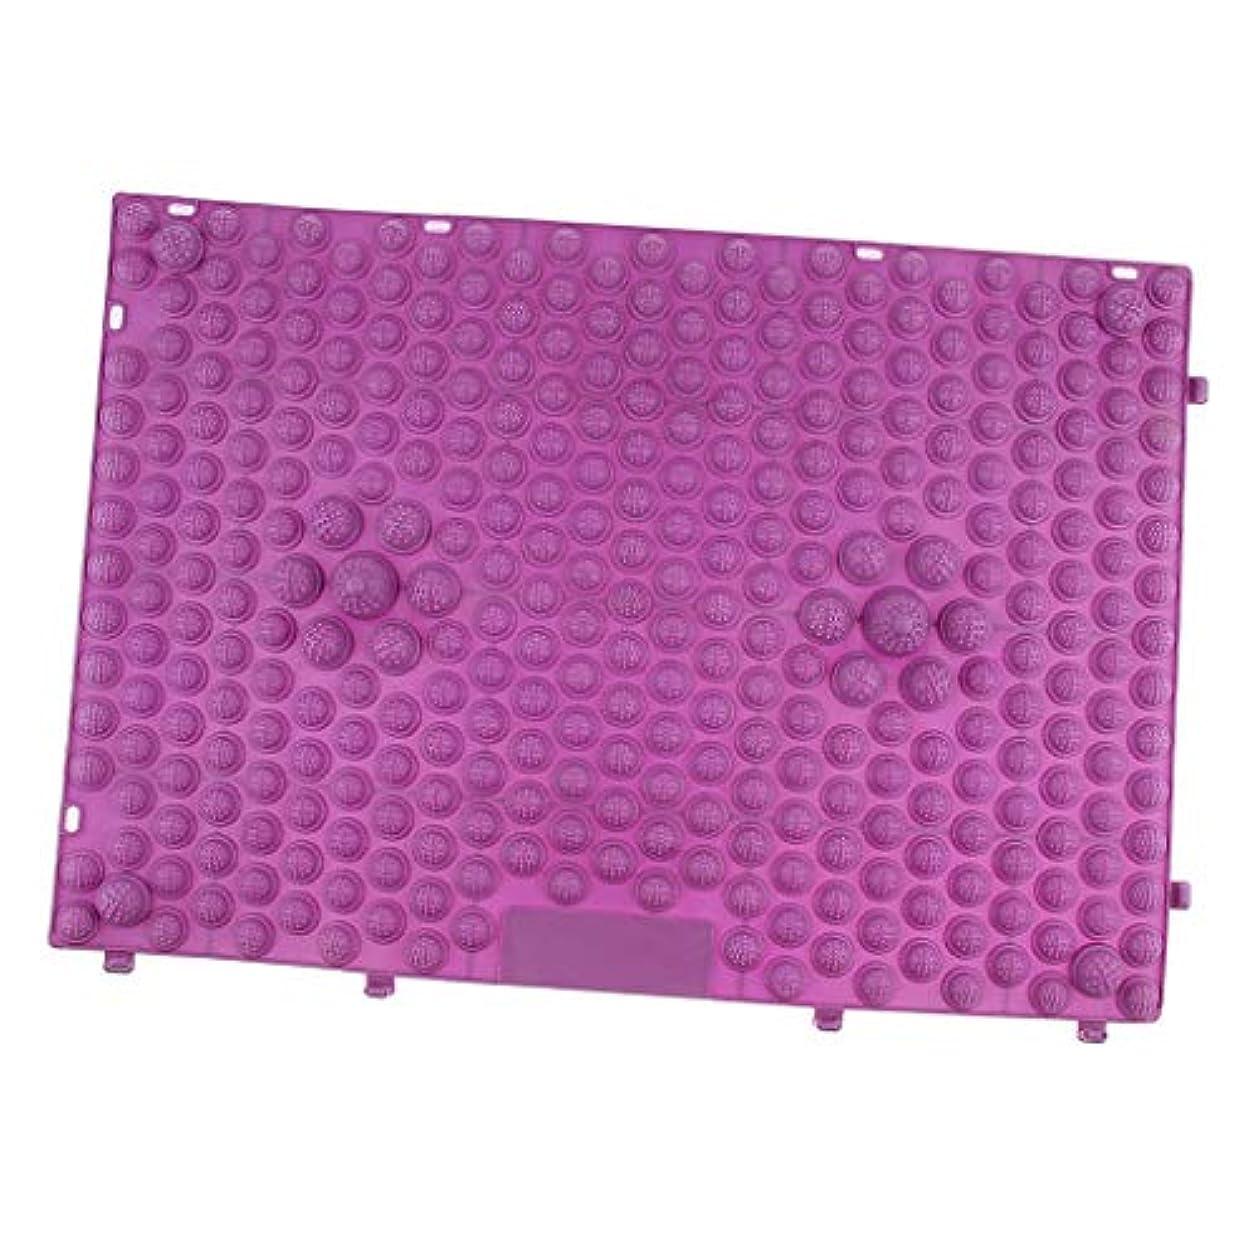 スケジュール雨ワイドdailymall フットマッサージ マット マッサージパッド マッサージシート 疲労和らげ 多色選べ - 紫